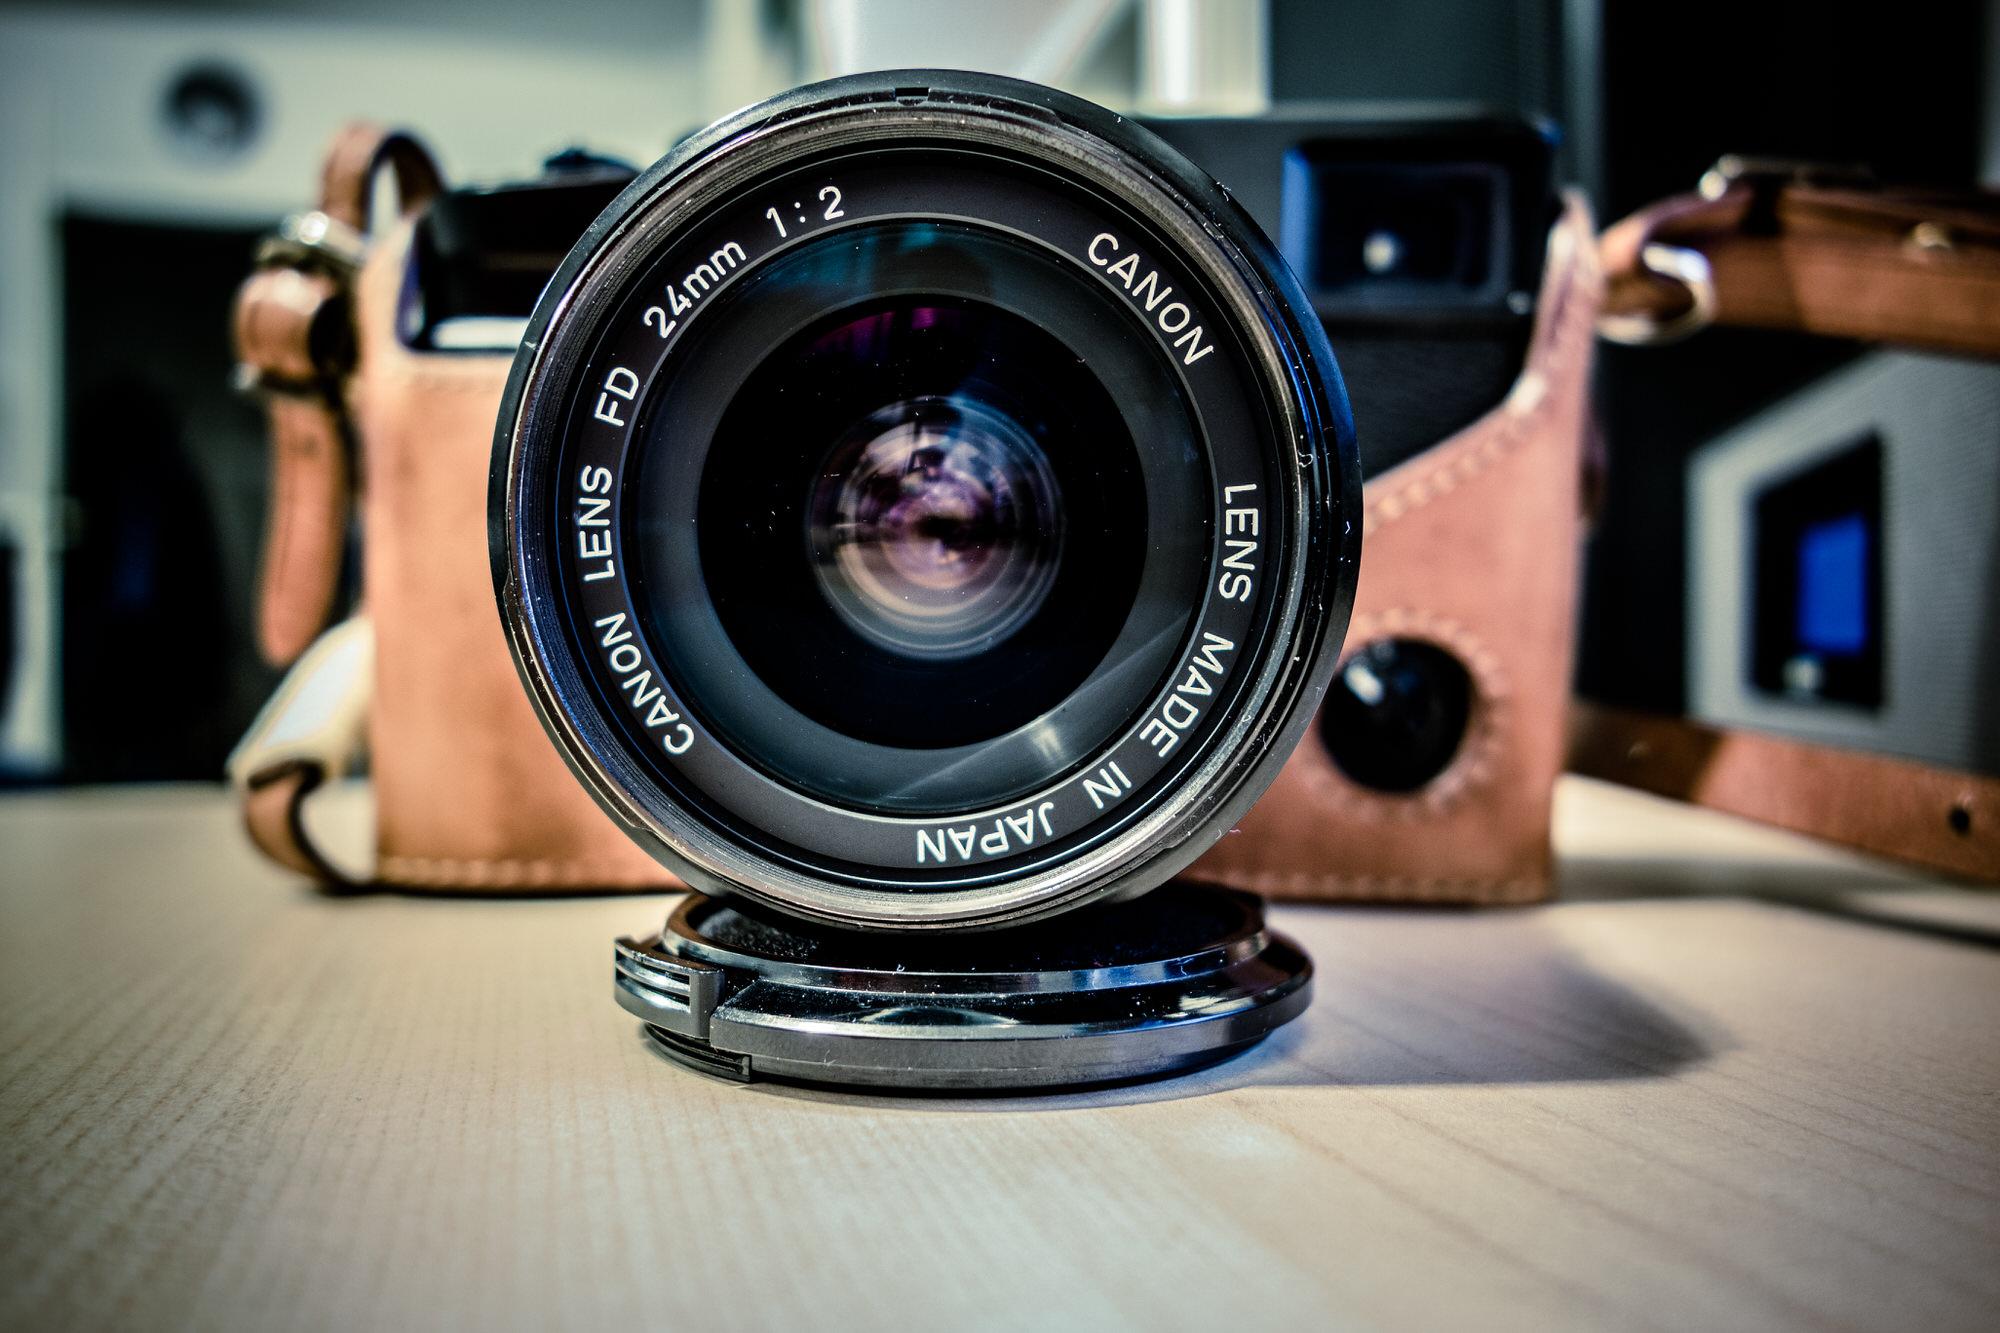 Canon FD 24mm f/2 Objektiv an einer Fuji X-Pro1